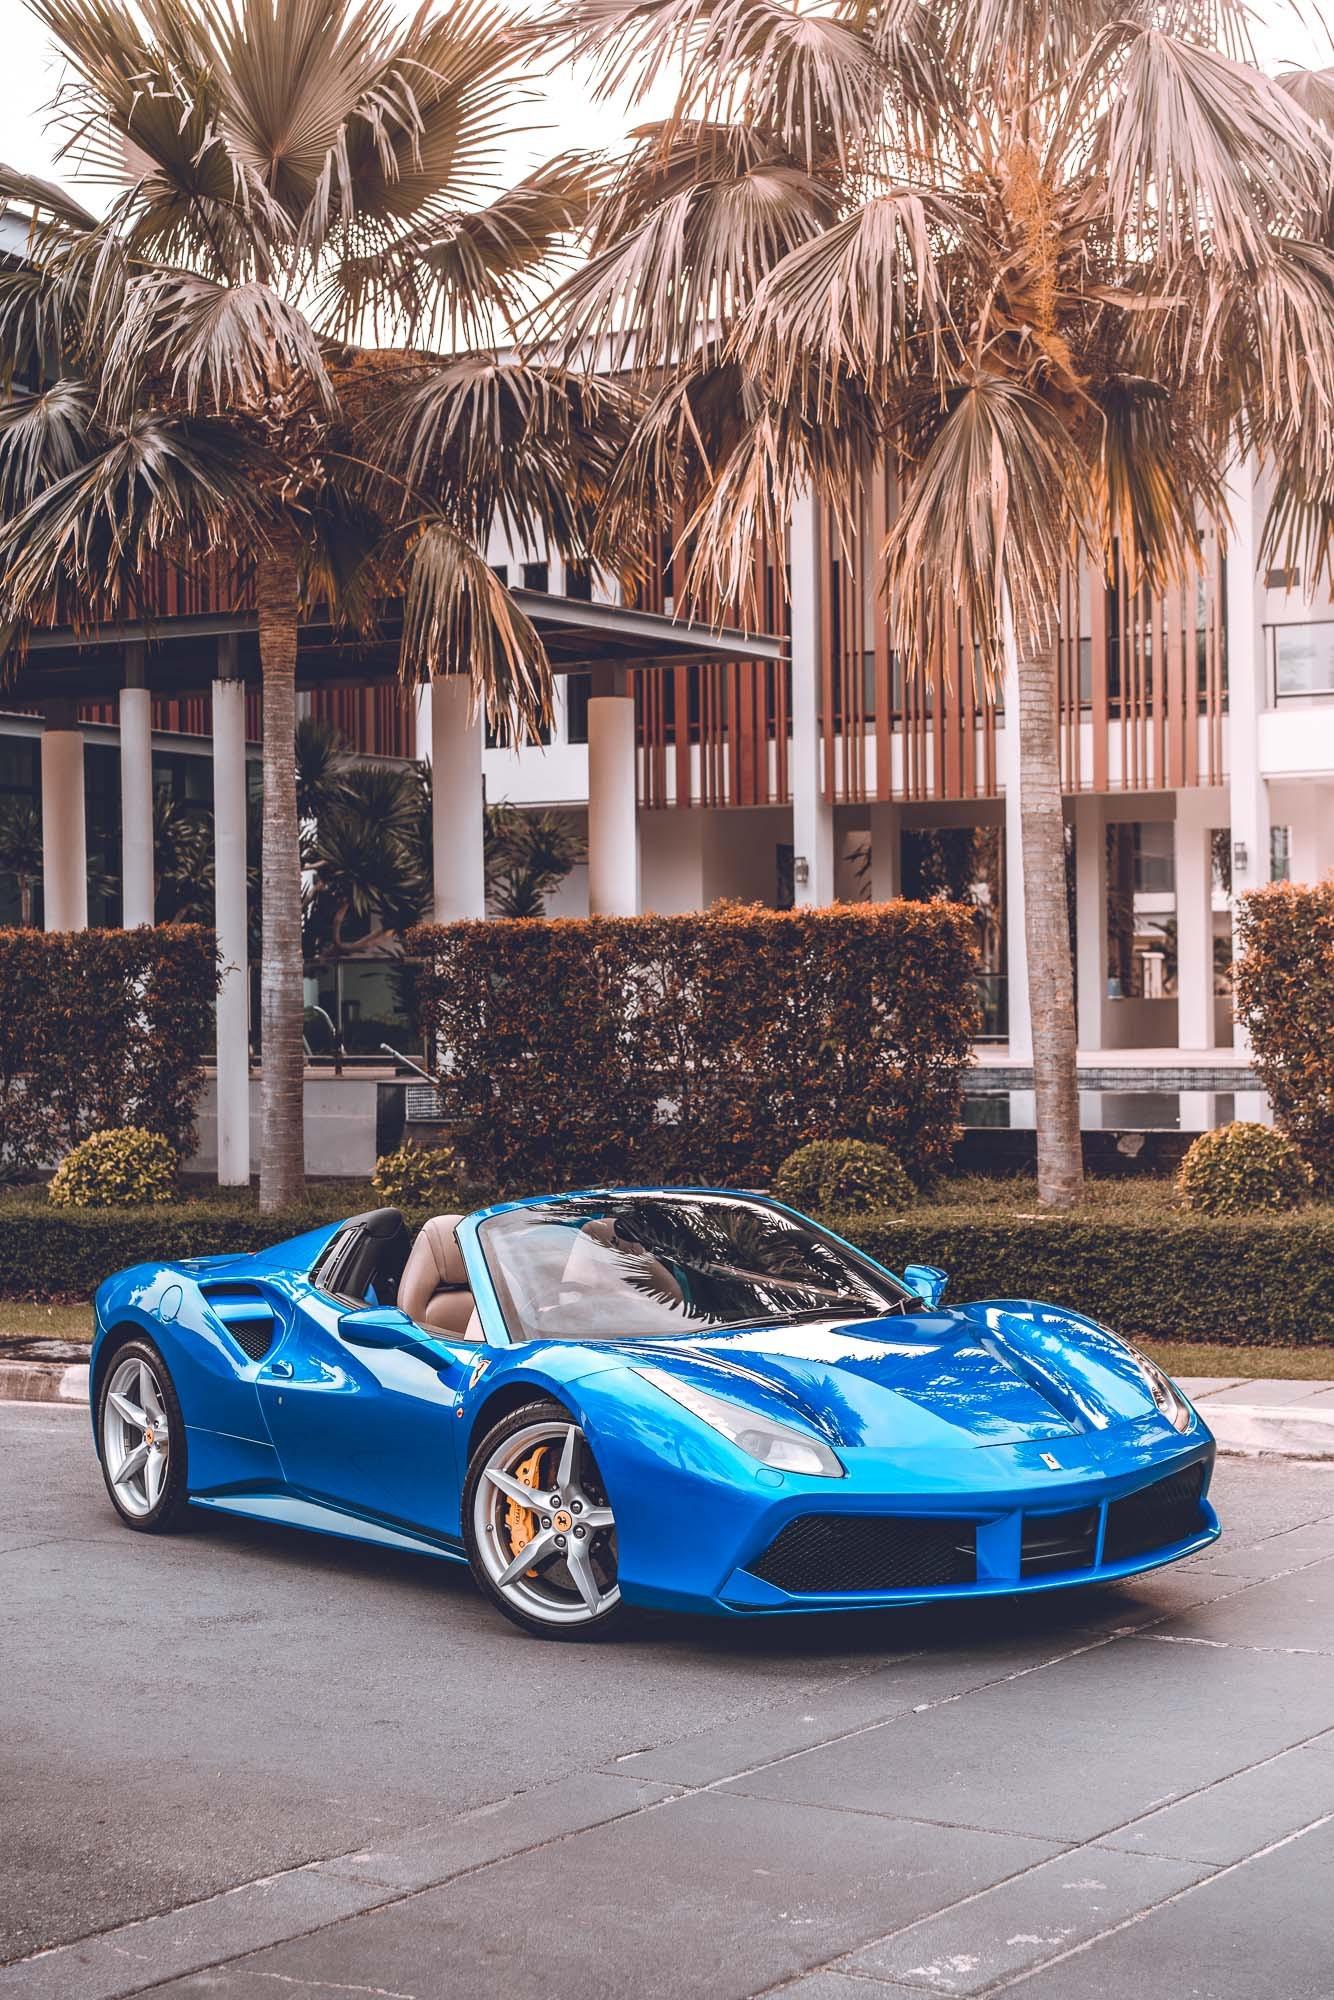 รถหรูเปิดประทุน Ferrari